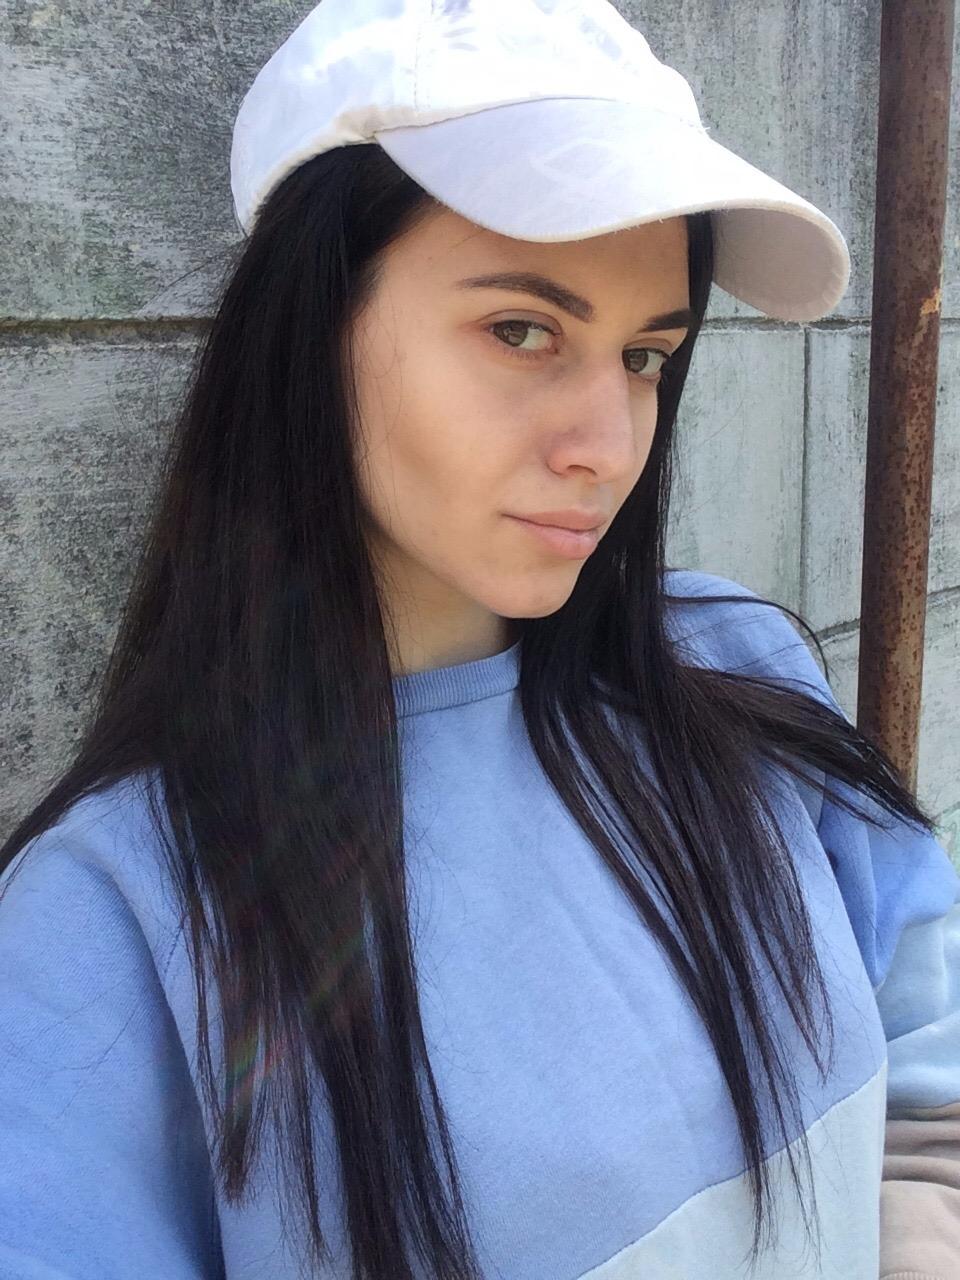 Чамурян Анжелика